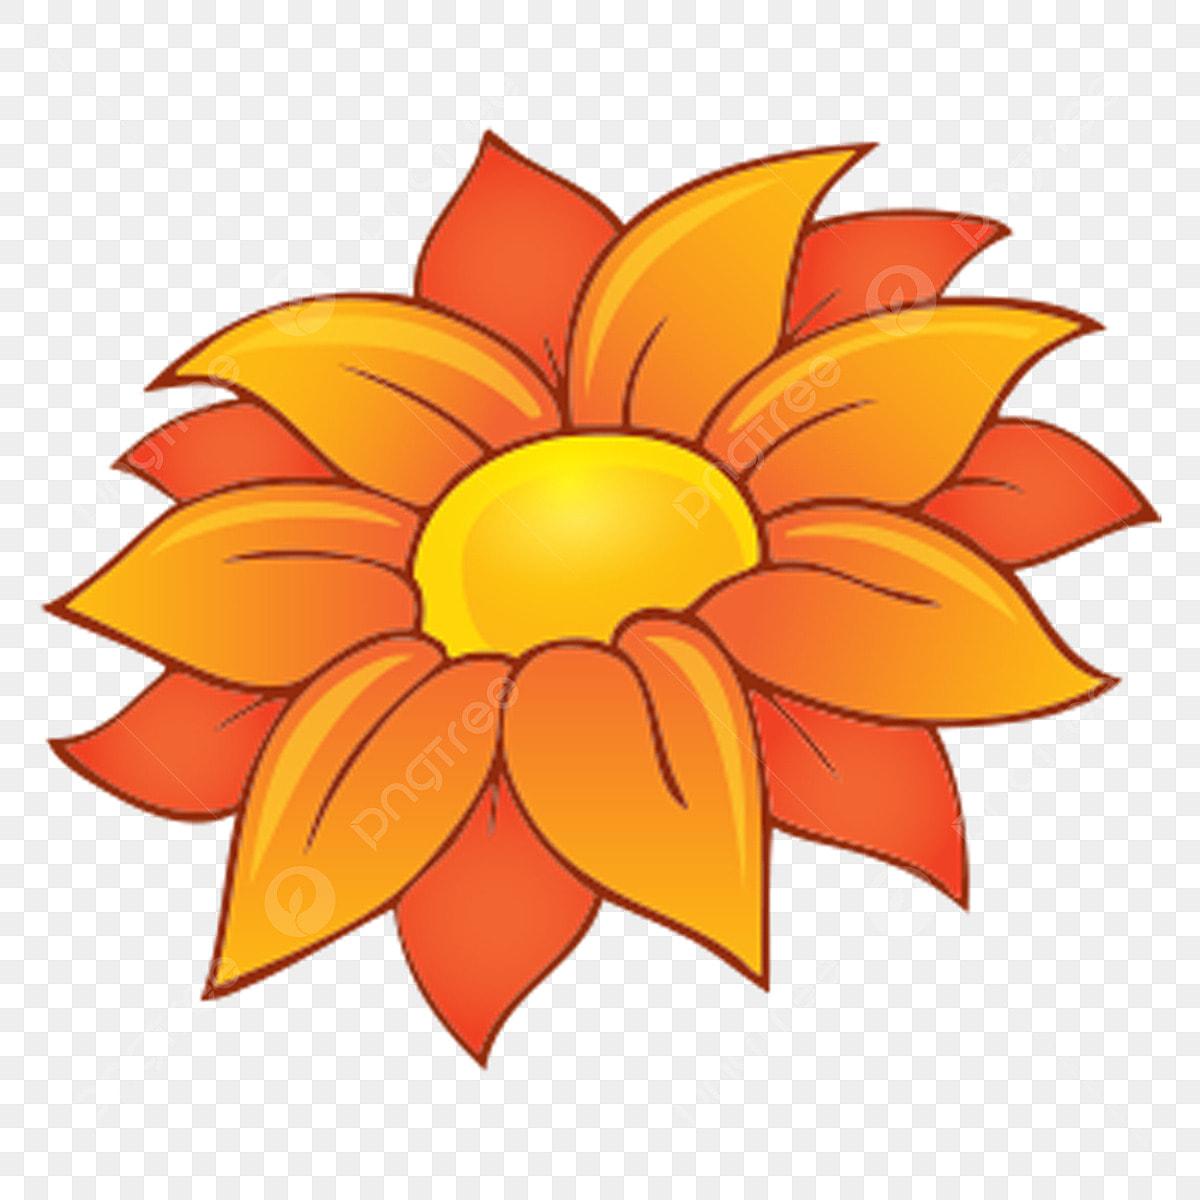 Dessin Anime Fleur Illustration De Boucle Libre De Fleur D Oranger